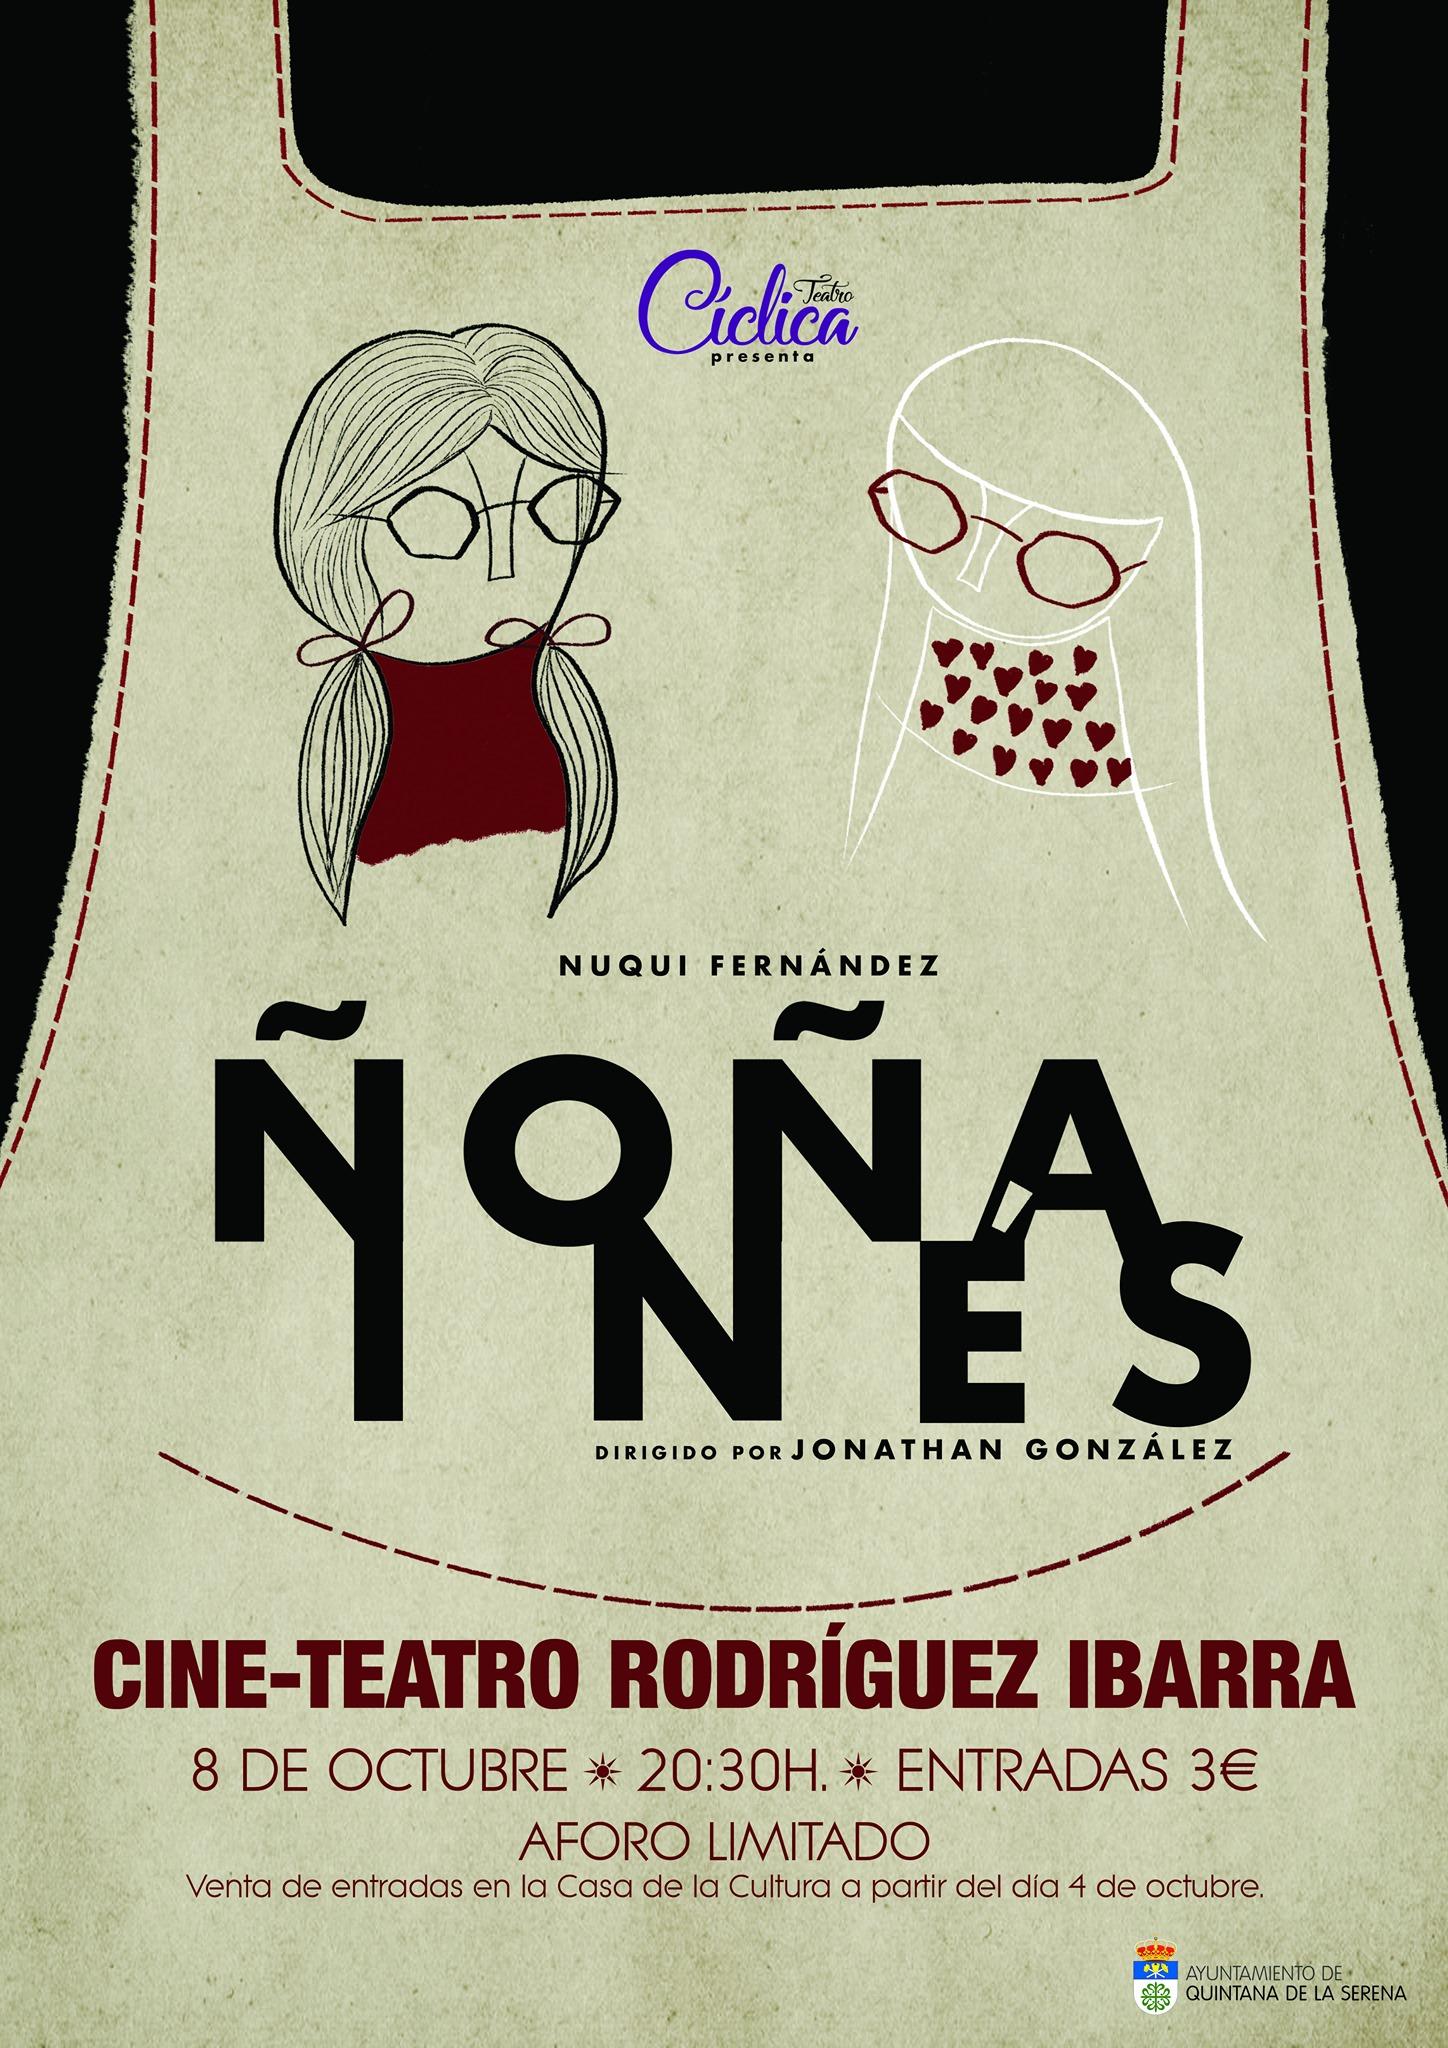 'Ñoña Inés' esta tarde en el Rodríguez Ibarra